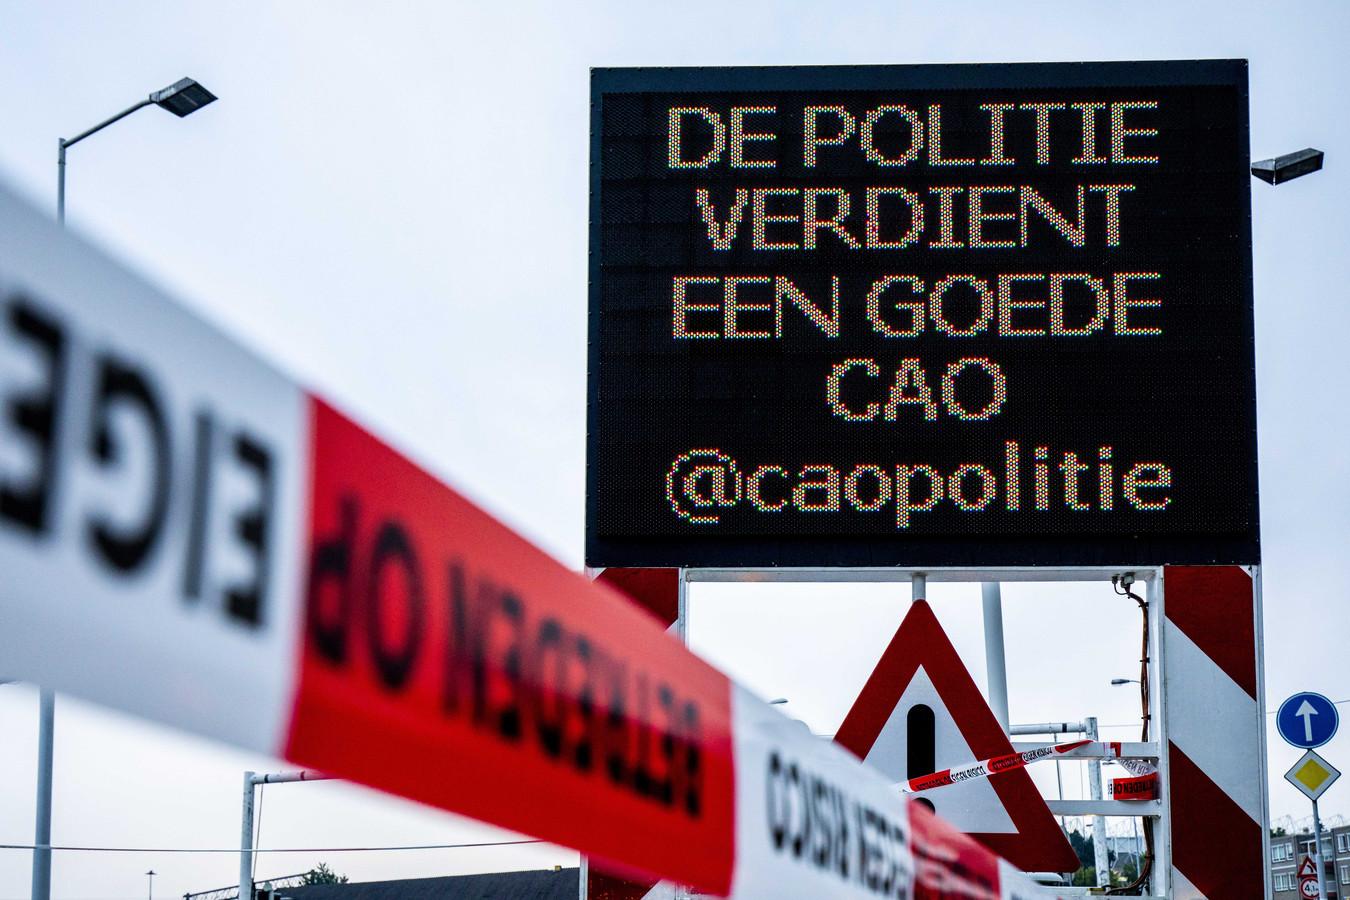 Acties rond het PSV-stadion in Eindhoven, op 29 augustus.